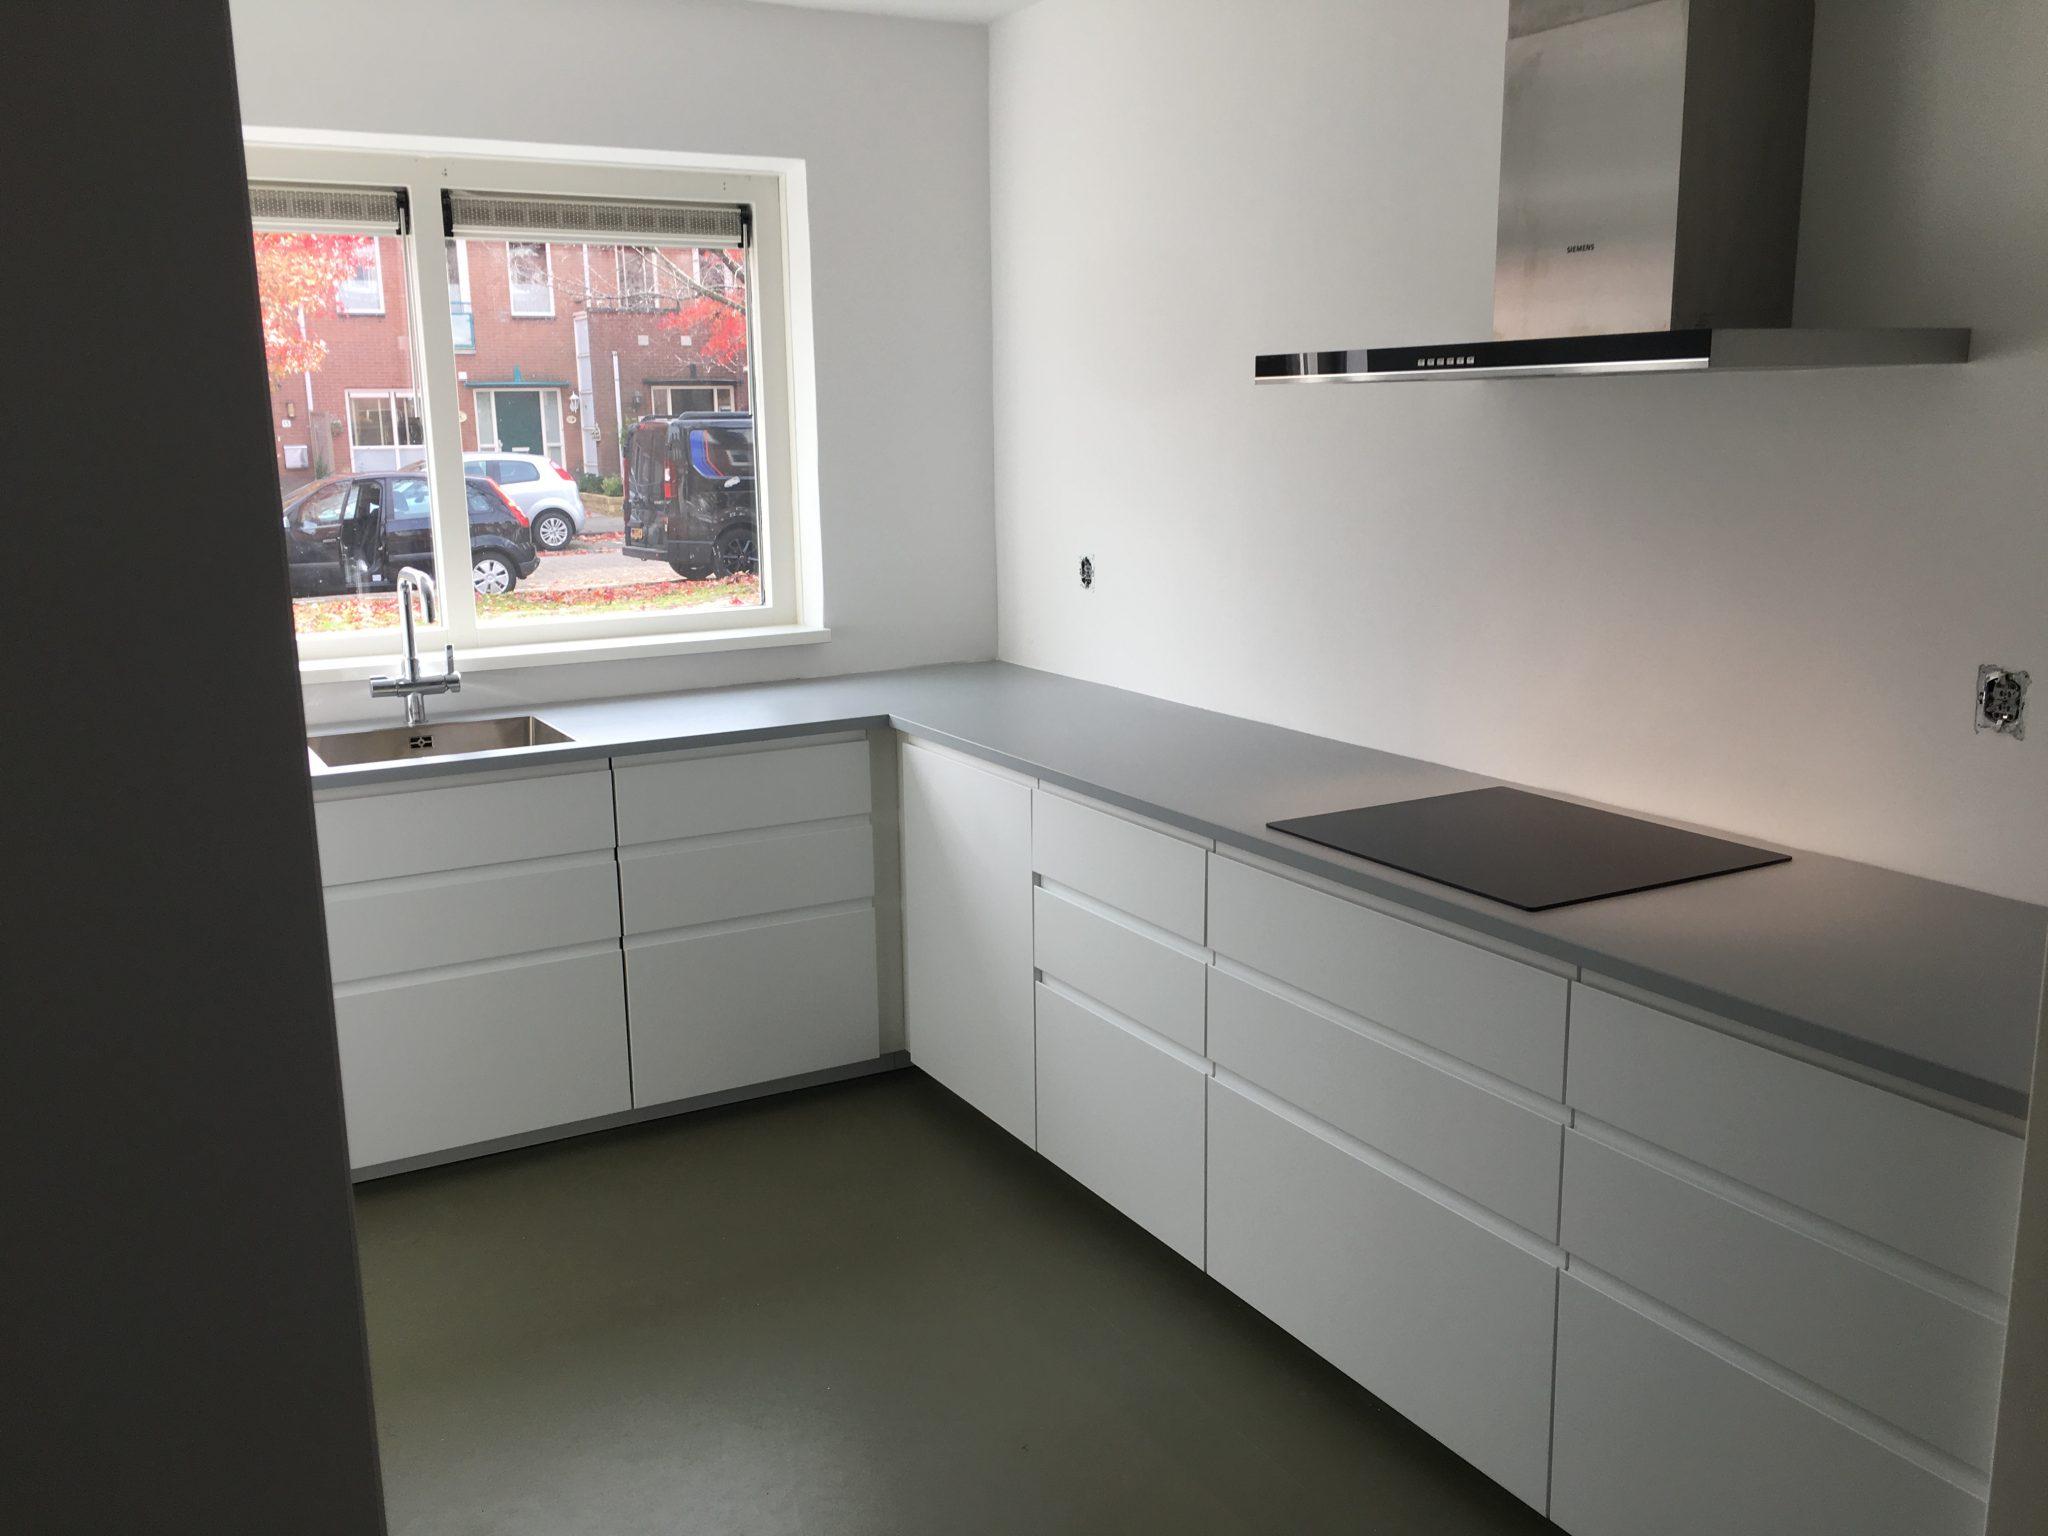 IKEA keuken met Siemens apparatuur – Maassluis